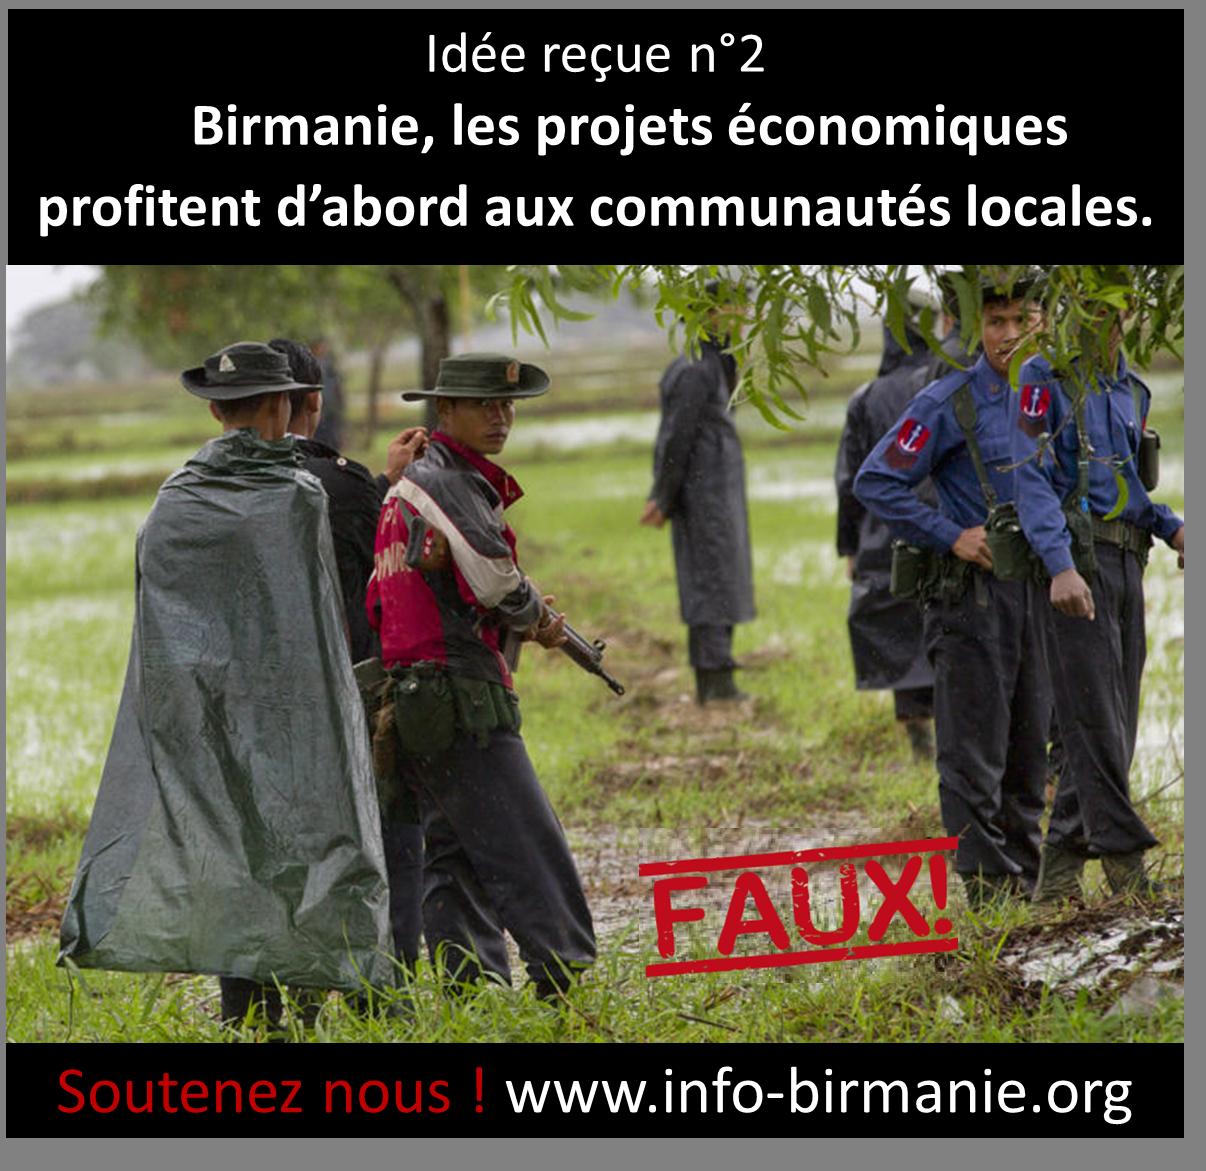 Idée reçue n°2 : En Birmanie, les projets économiques profitent d'abord aux communautés locales